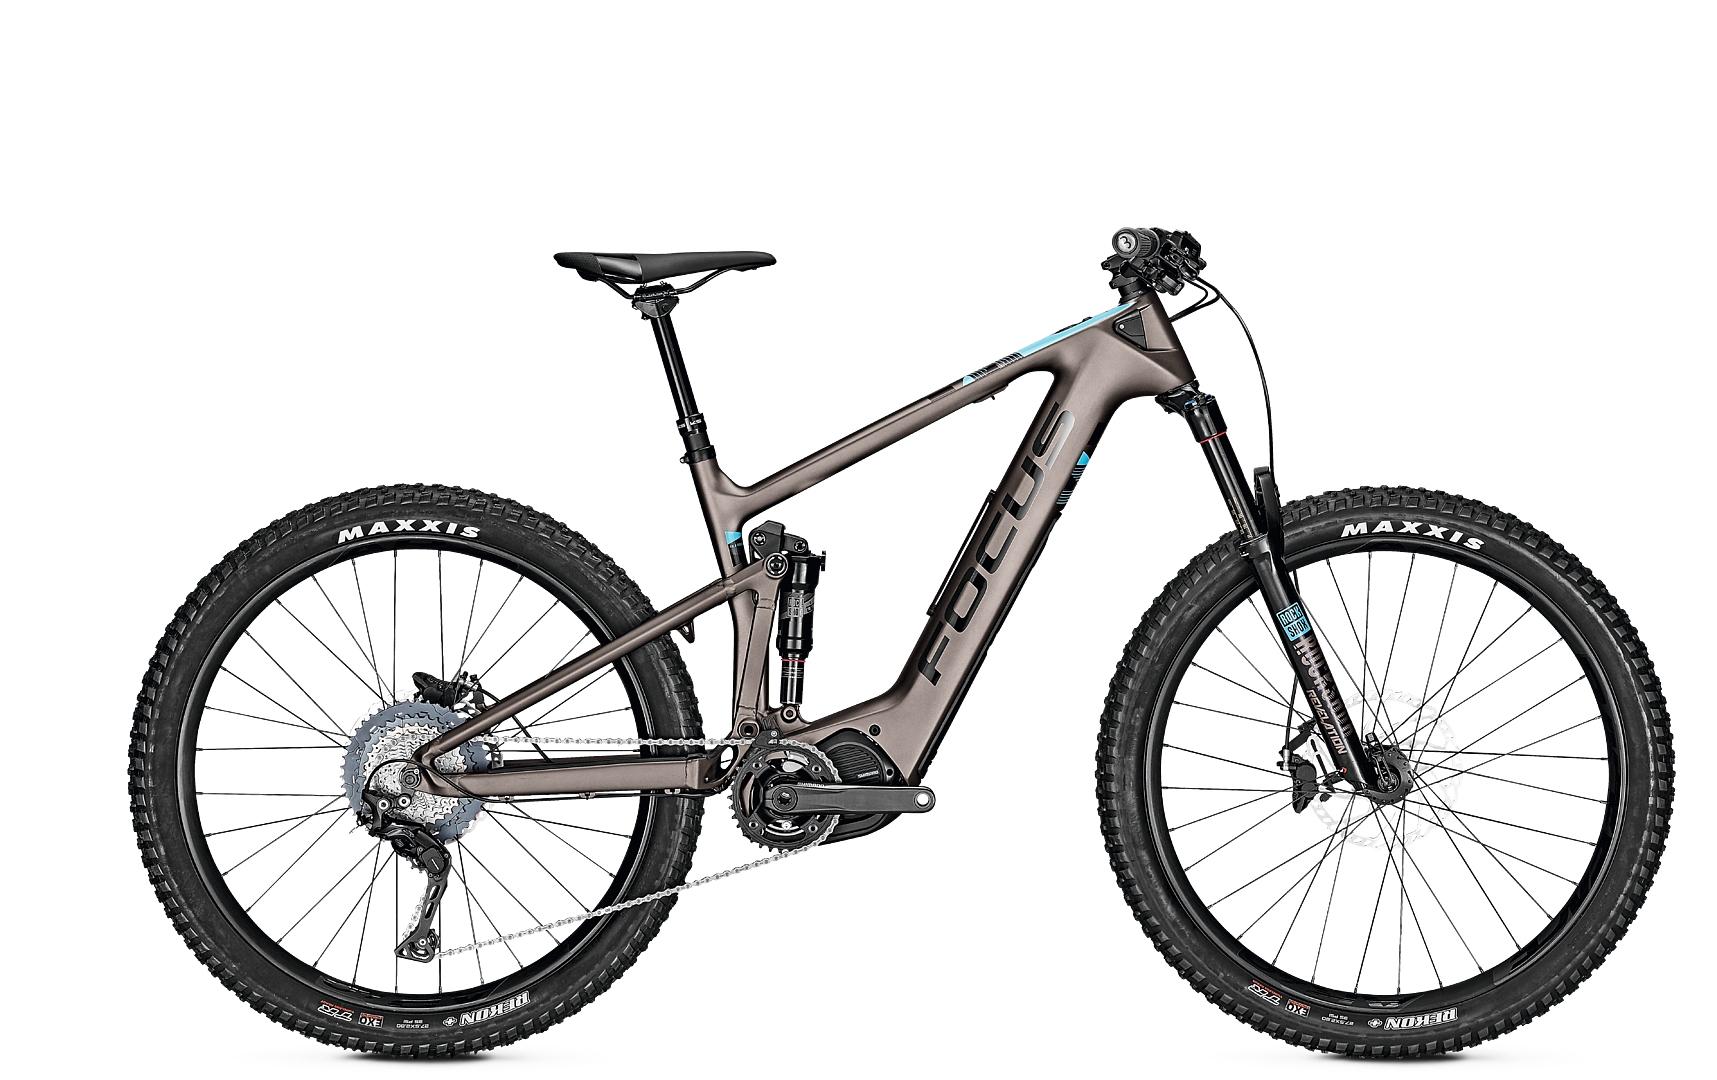 Vélo Electrique VTTAE Focus JAM² 9.6 Plus 2019 - Coloris au choix (bunnyhop.de)